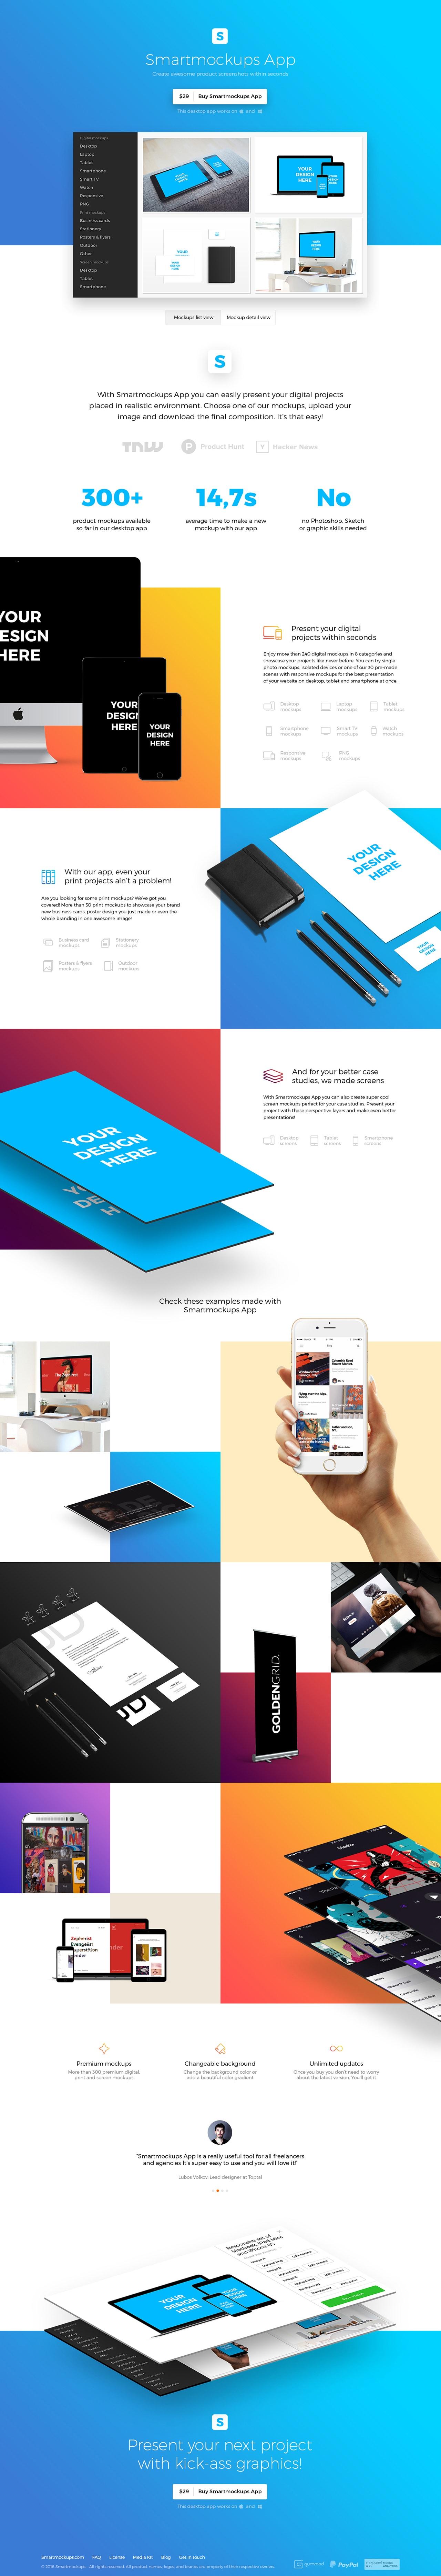 Smartmockups App Website Screenshot